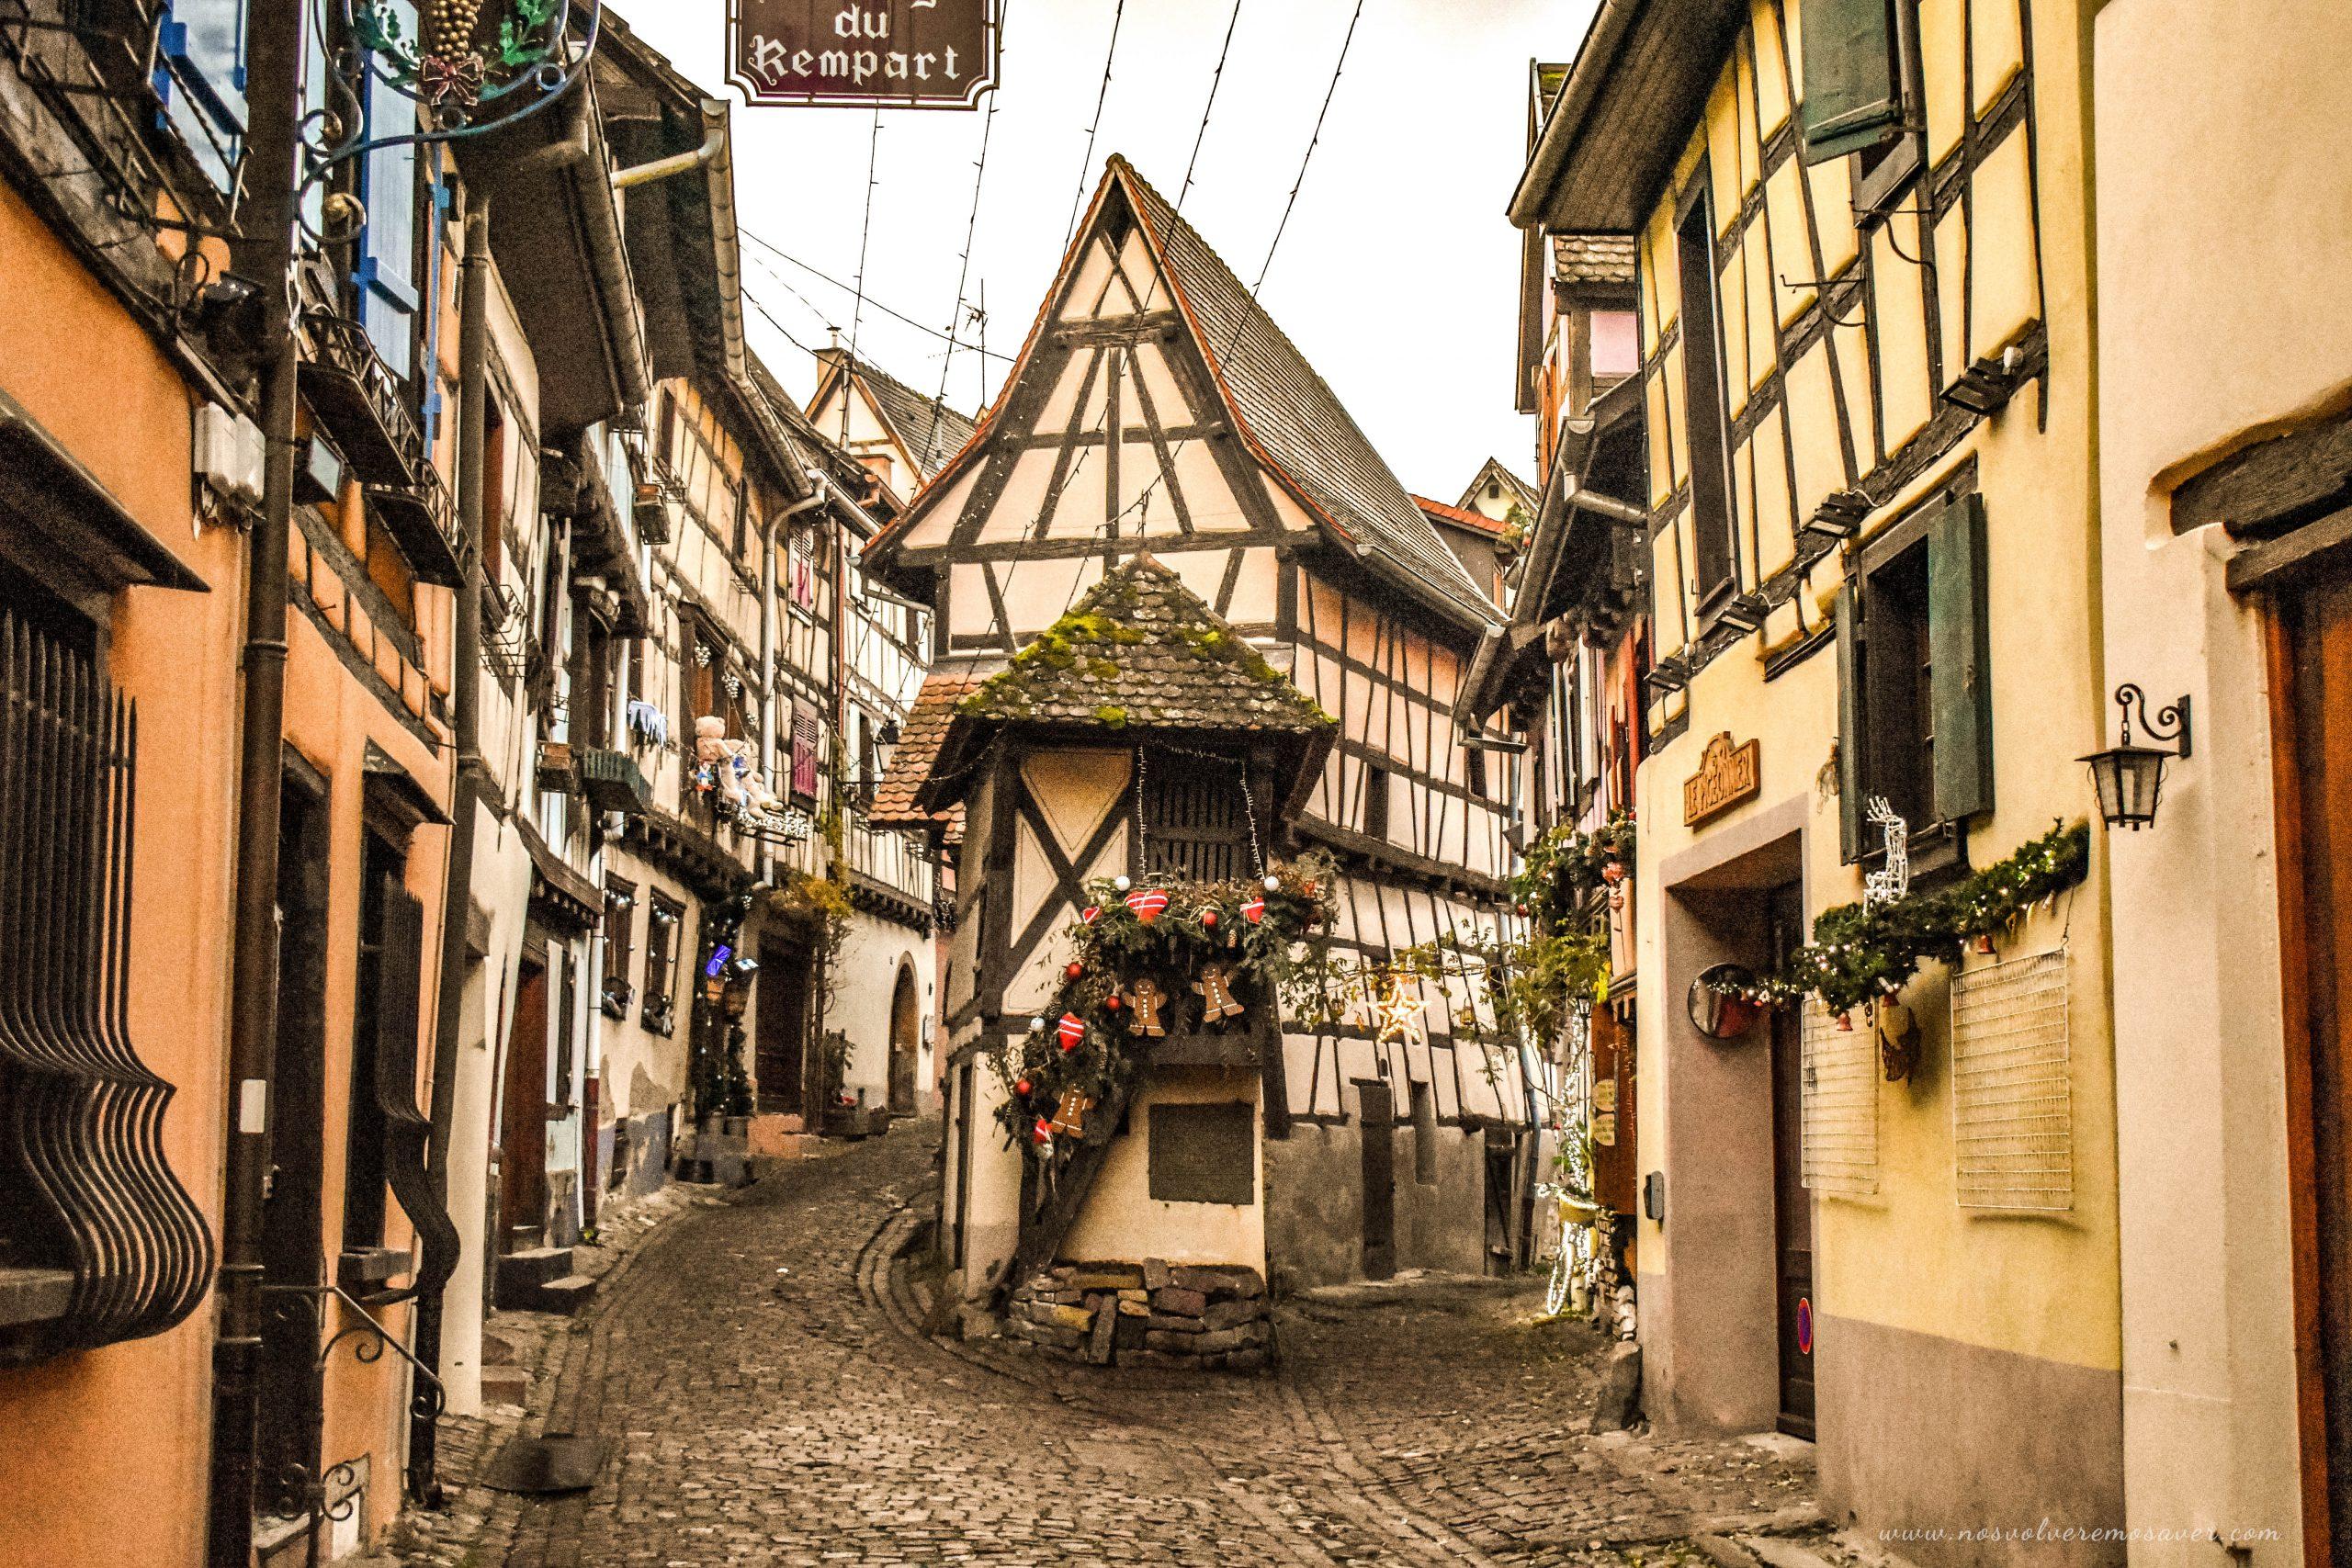 Eguisheim Ruta en coche por Alsacia en Navidad